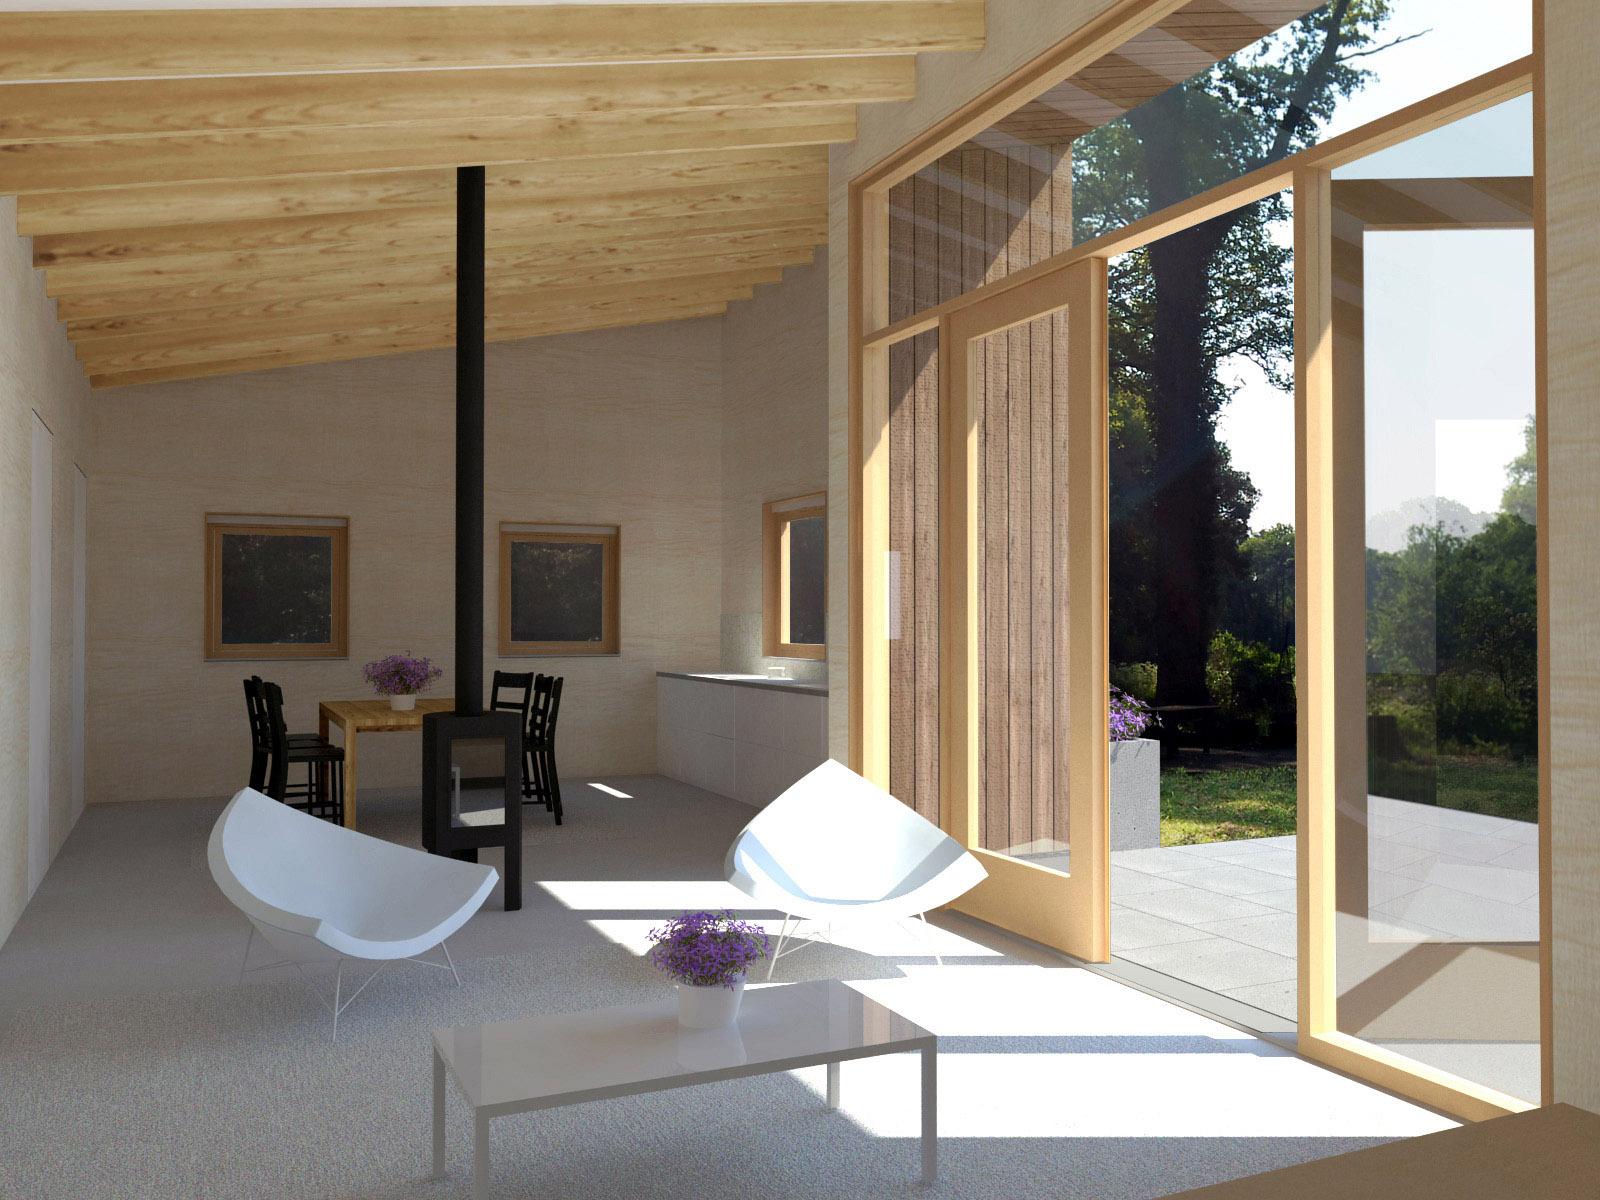 nieuwbouw woonhuis ks 3d ontwerp interieur huis ir rolf moors architect eindhoven 09